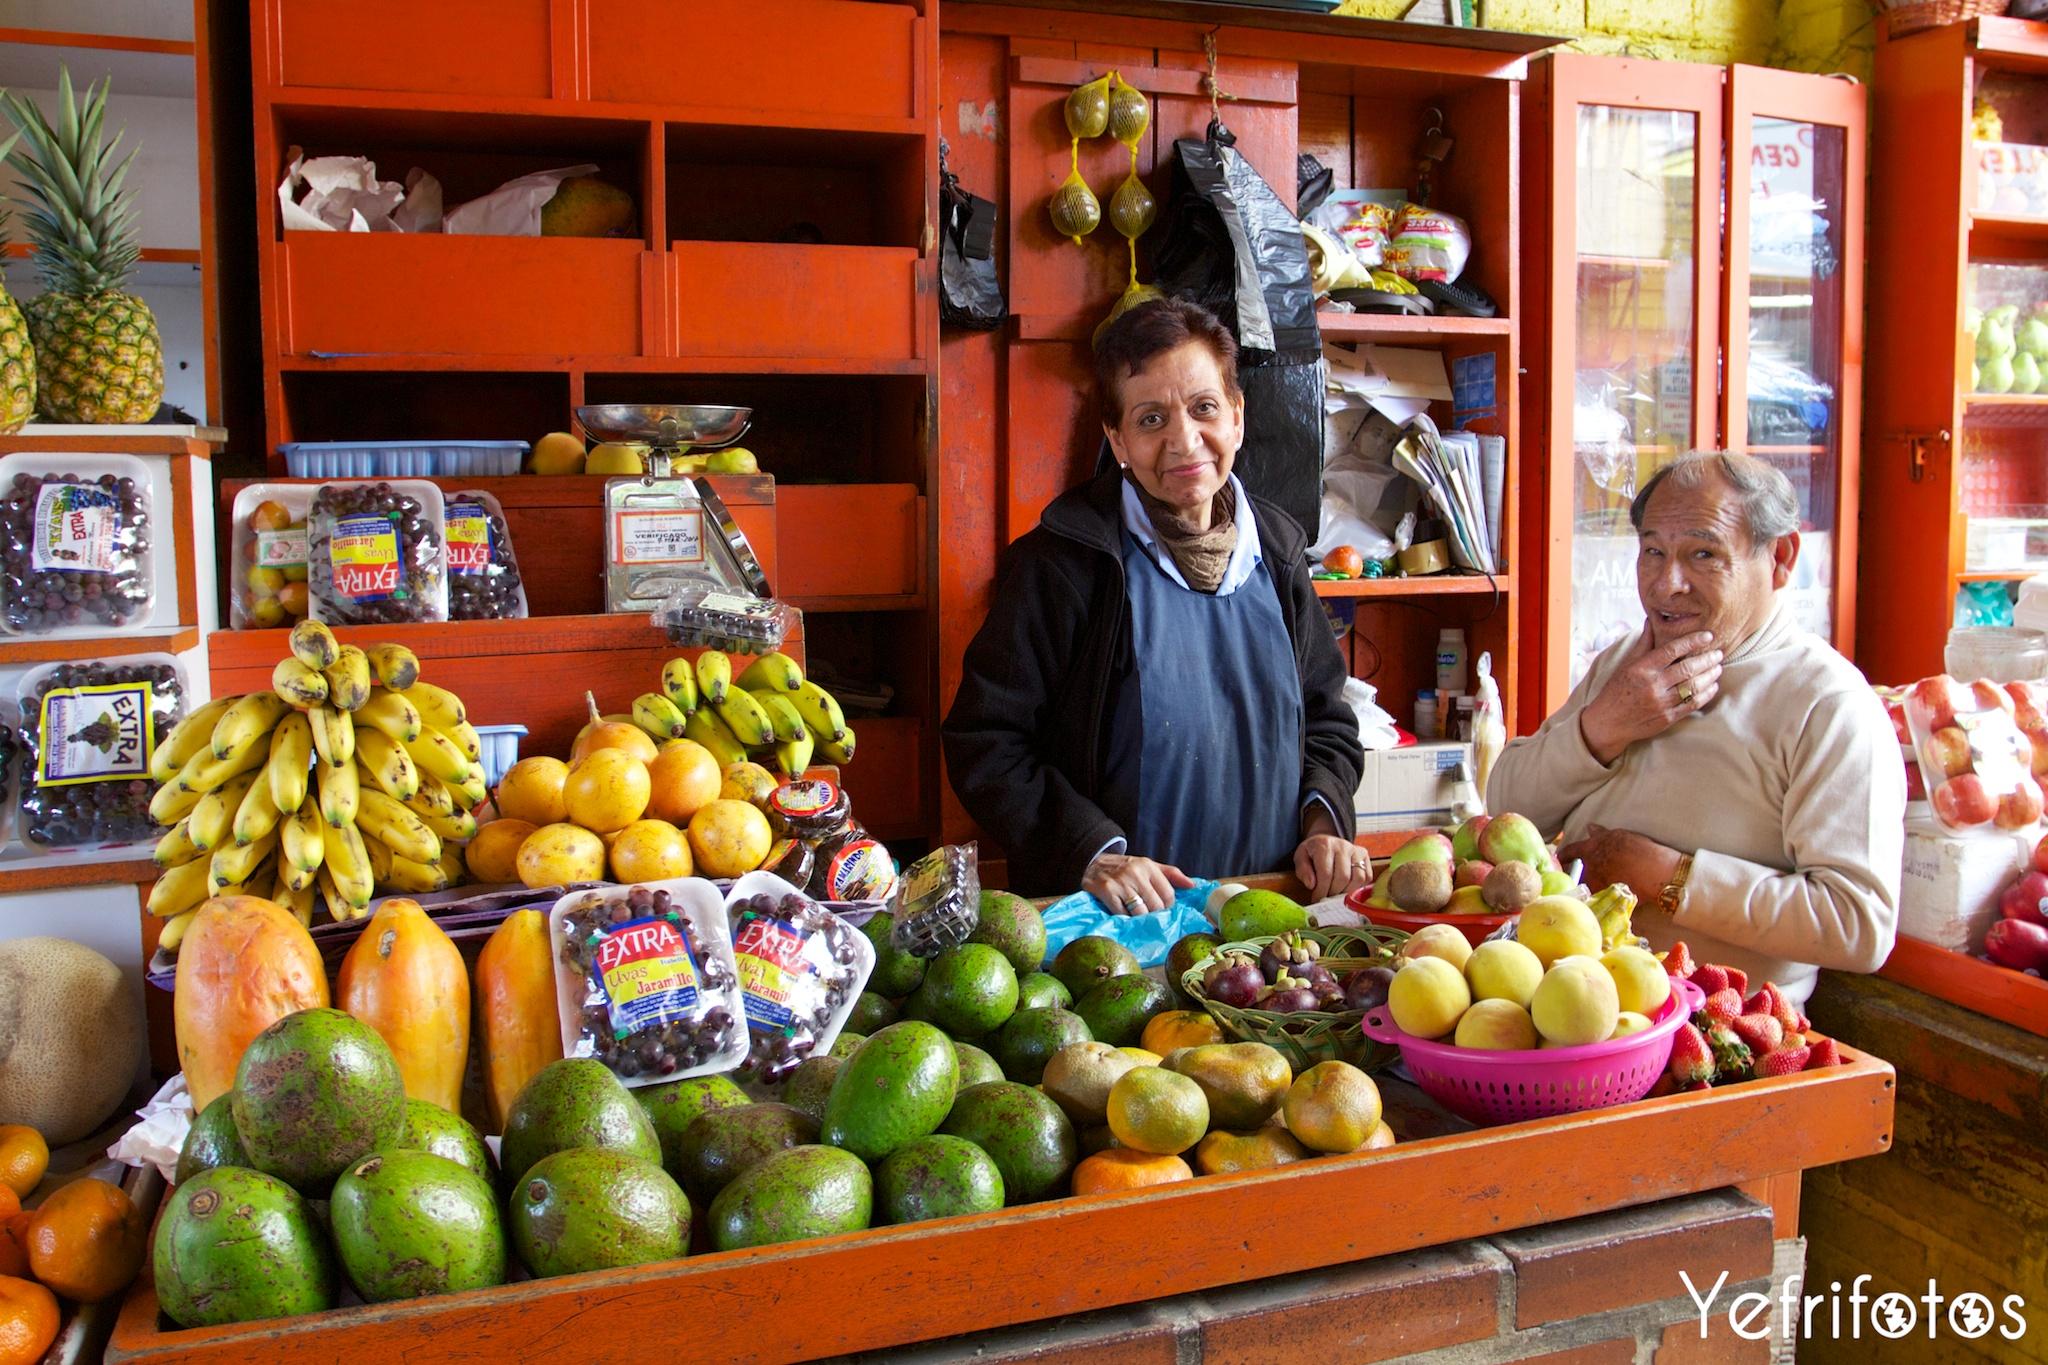 Marché - Colombie - Fruits - Vie